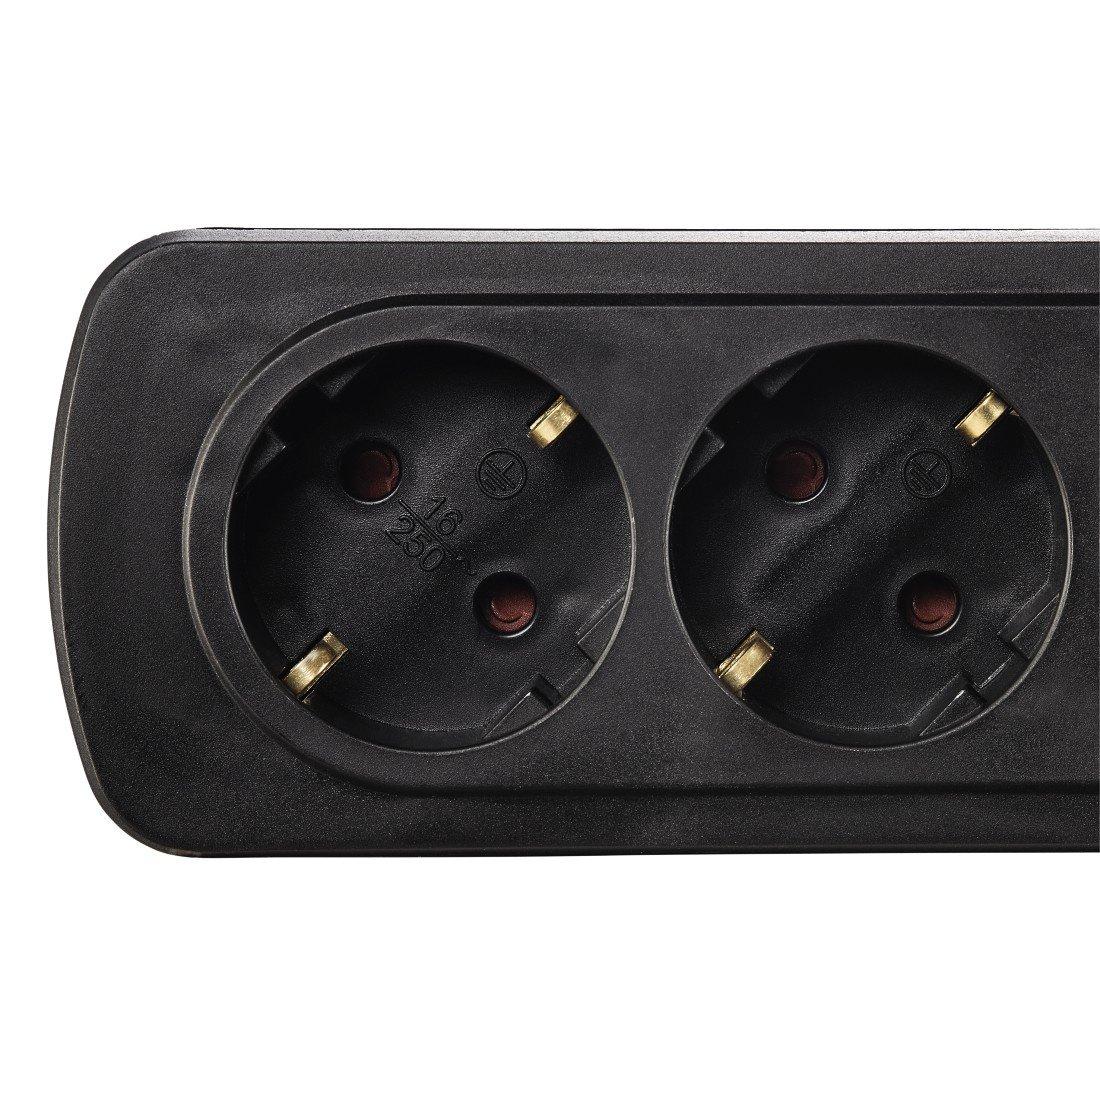 Удлинитель НАМА на 3 розетки, с выключателем, 1,5 м, черный фото 2